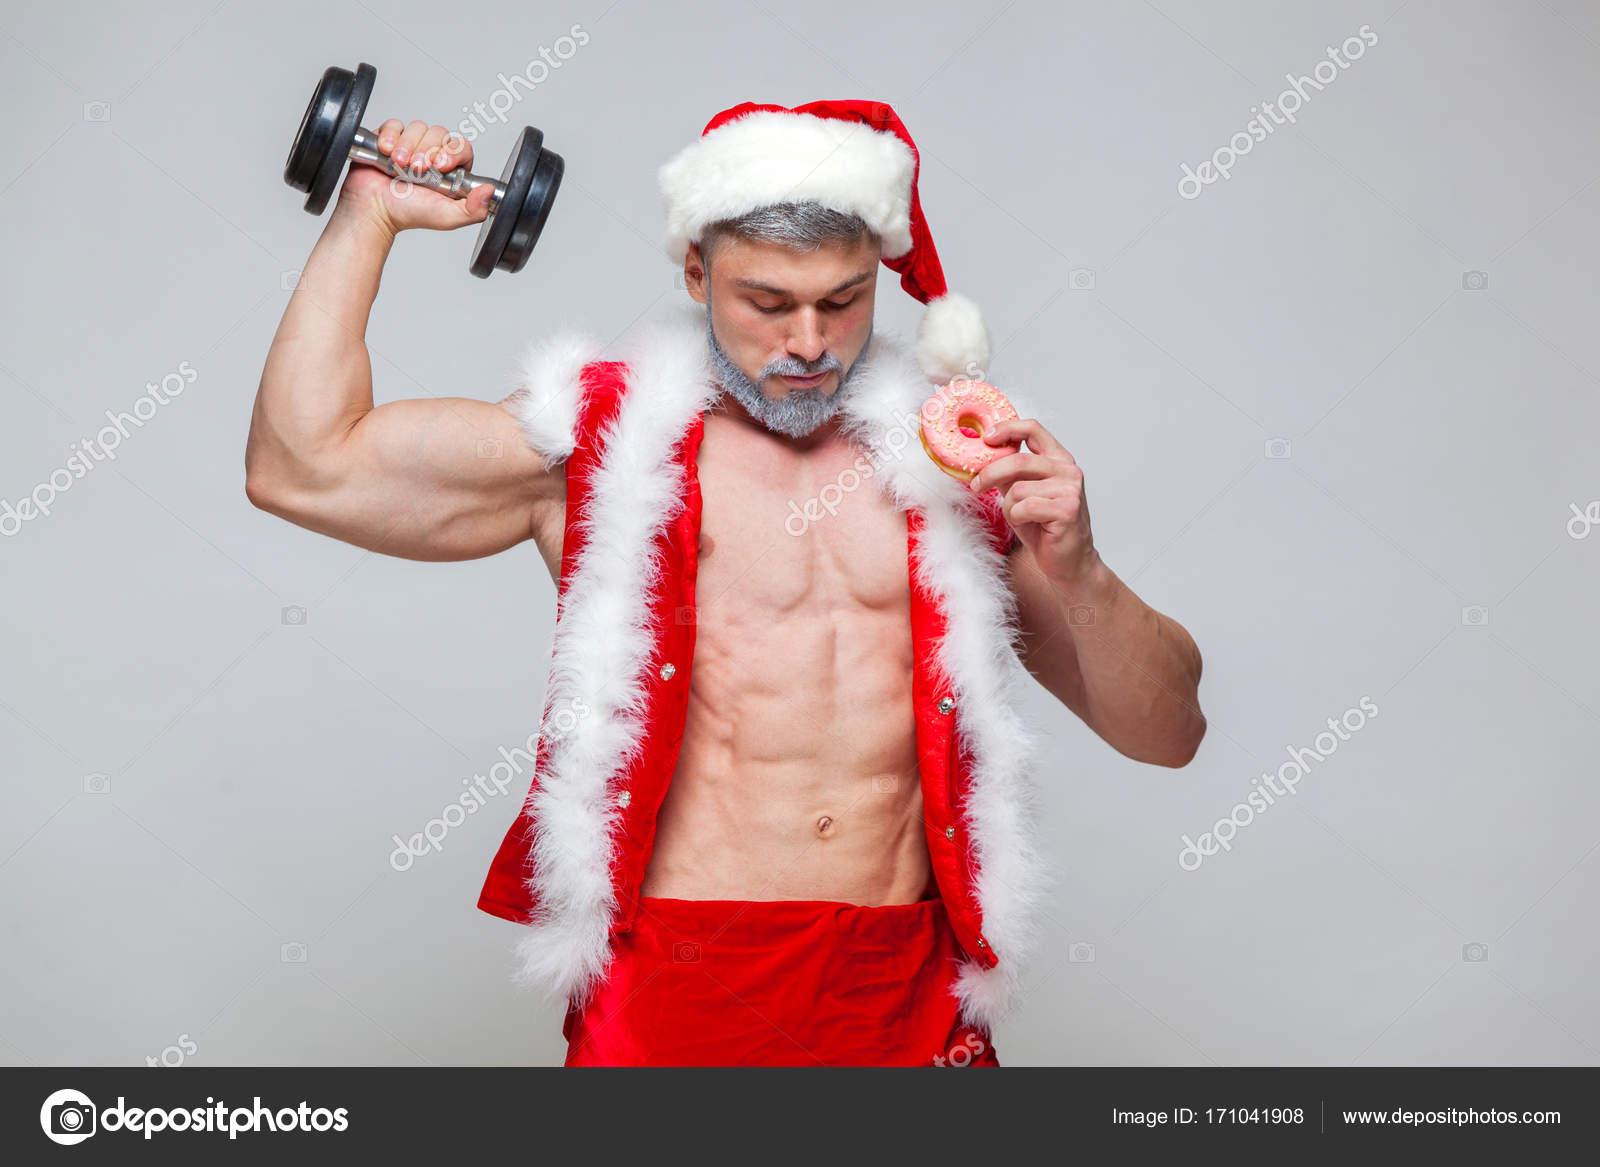 Feiertage Und Feiern Neujahr Weihnachten Sport